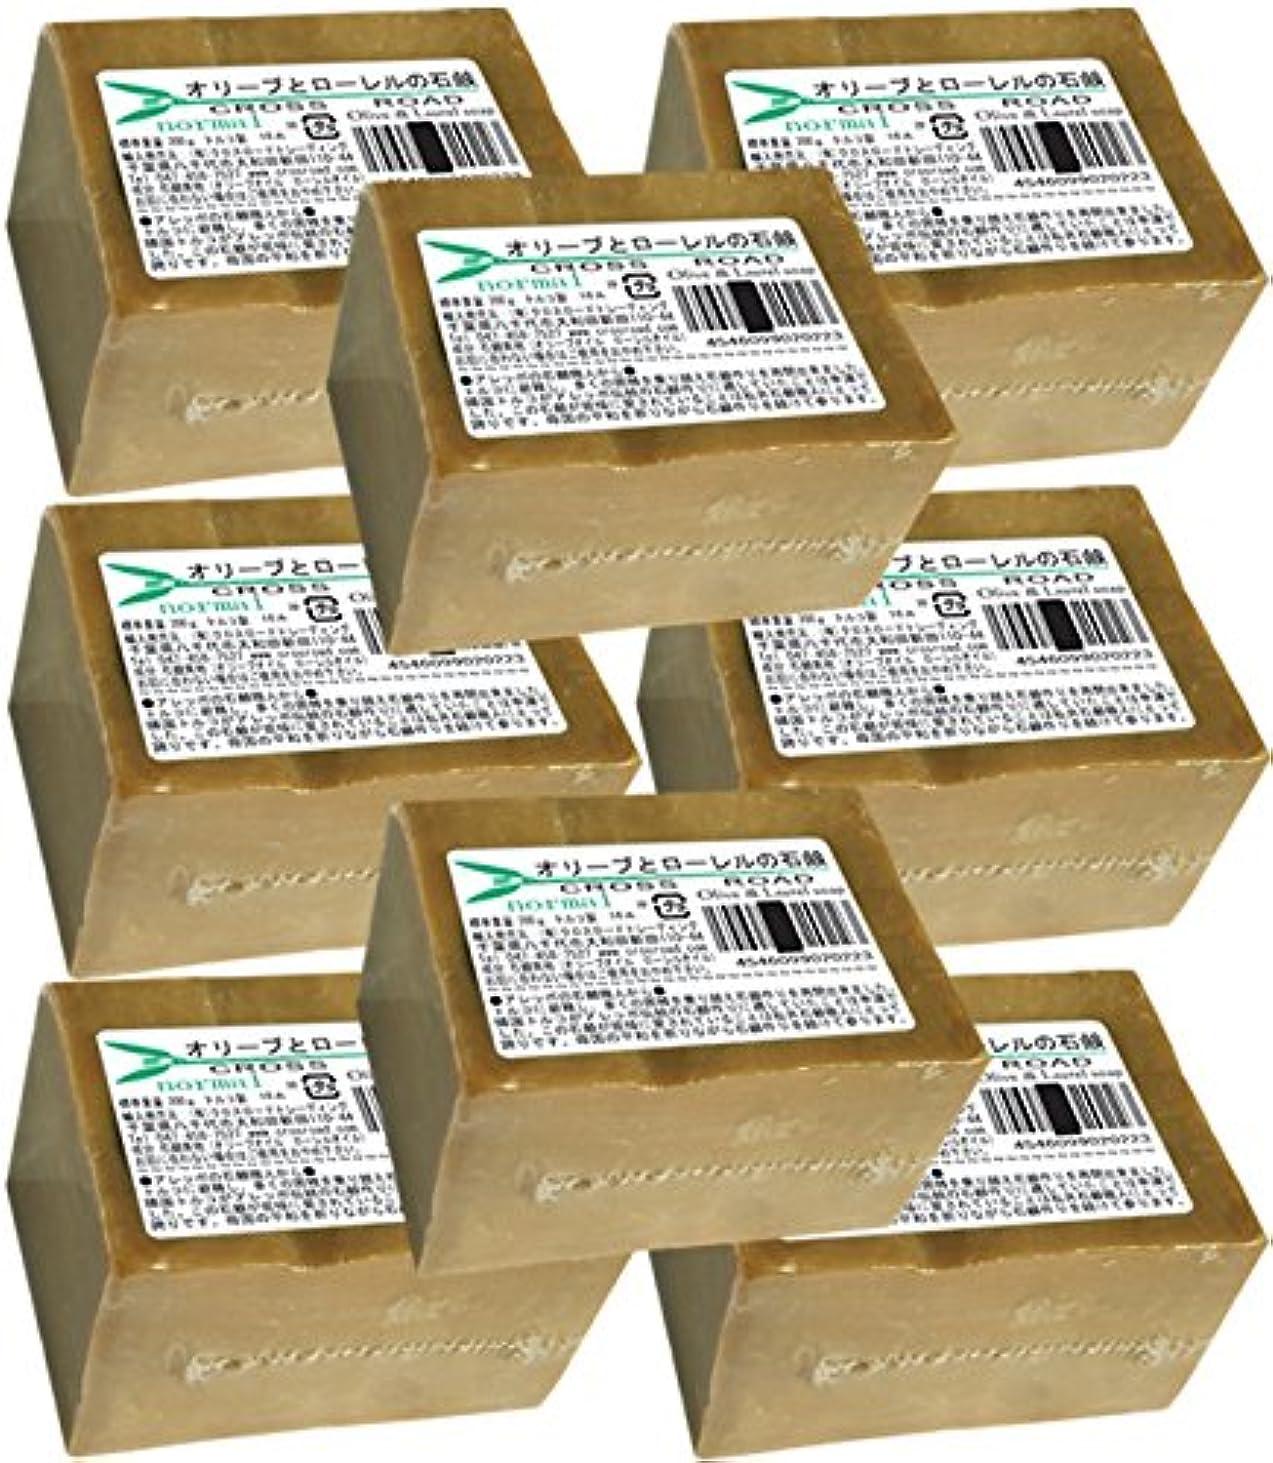 満了一般的な論争的オリーブとローレルの石鹸(ノーマル)8個セット[並行輸入品]